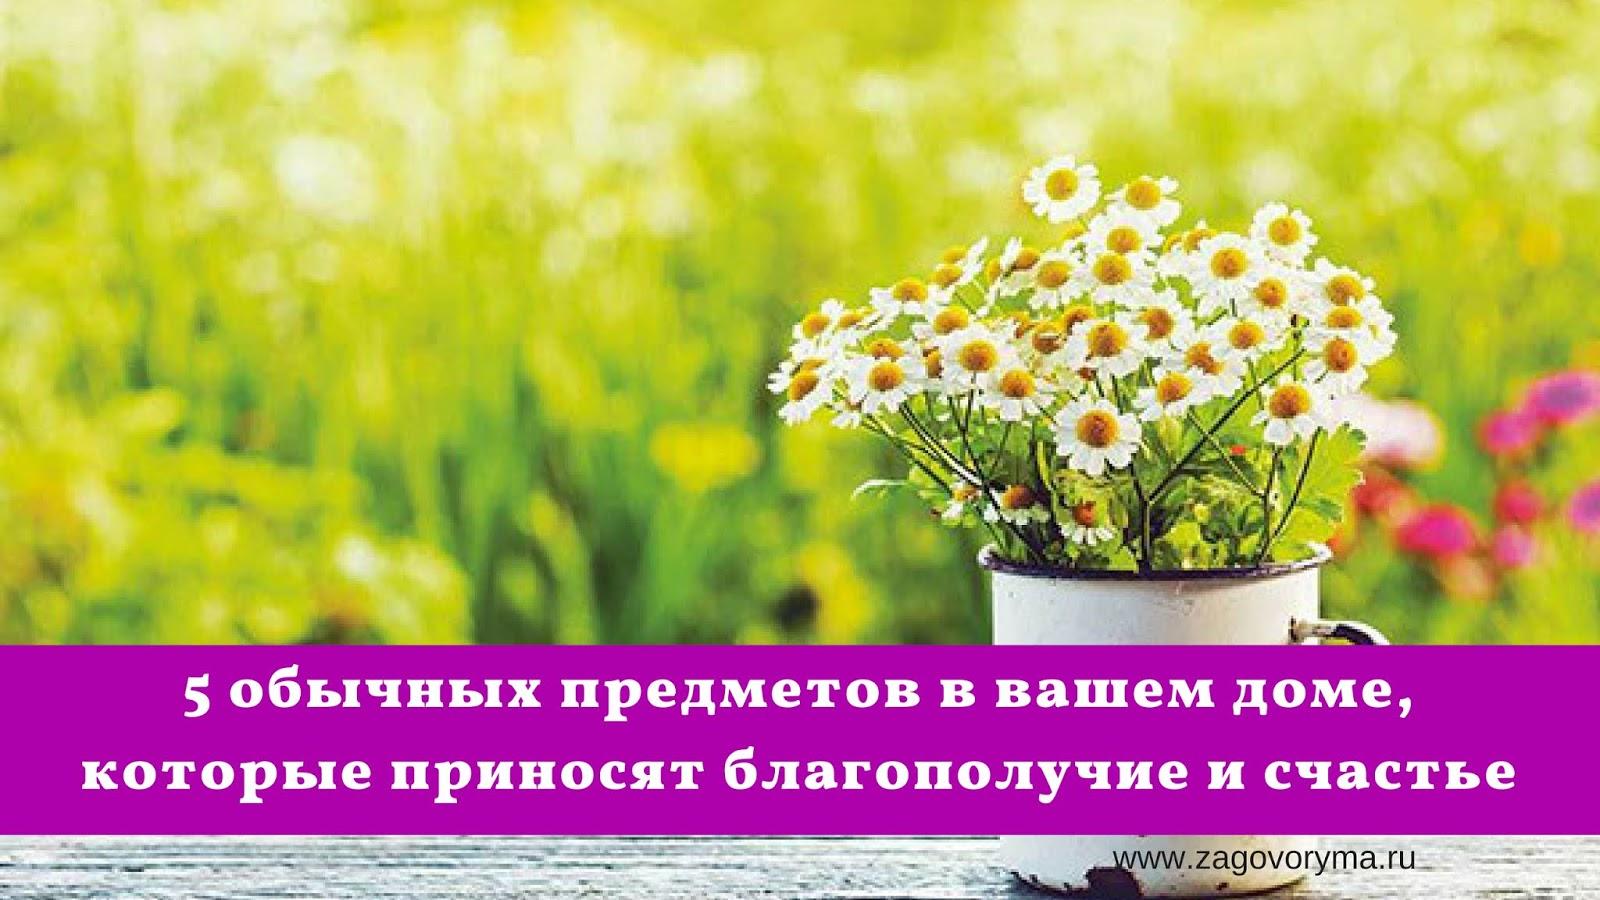 Вещи, которые обязательно принесут в дом счастье